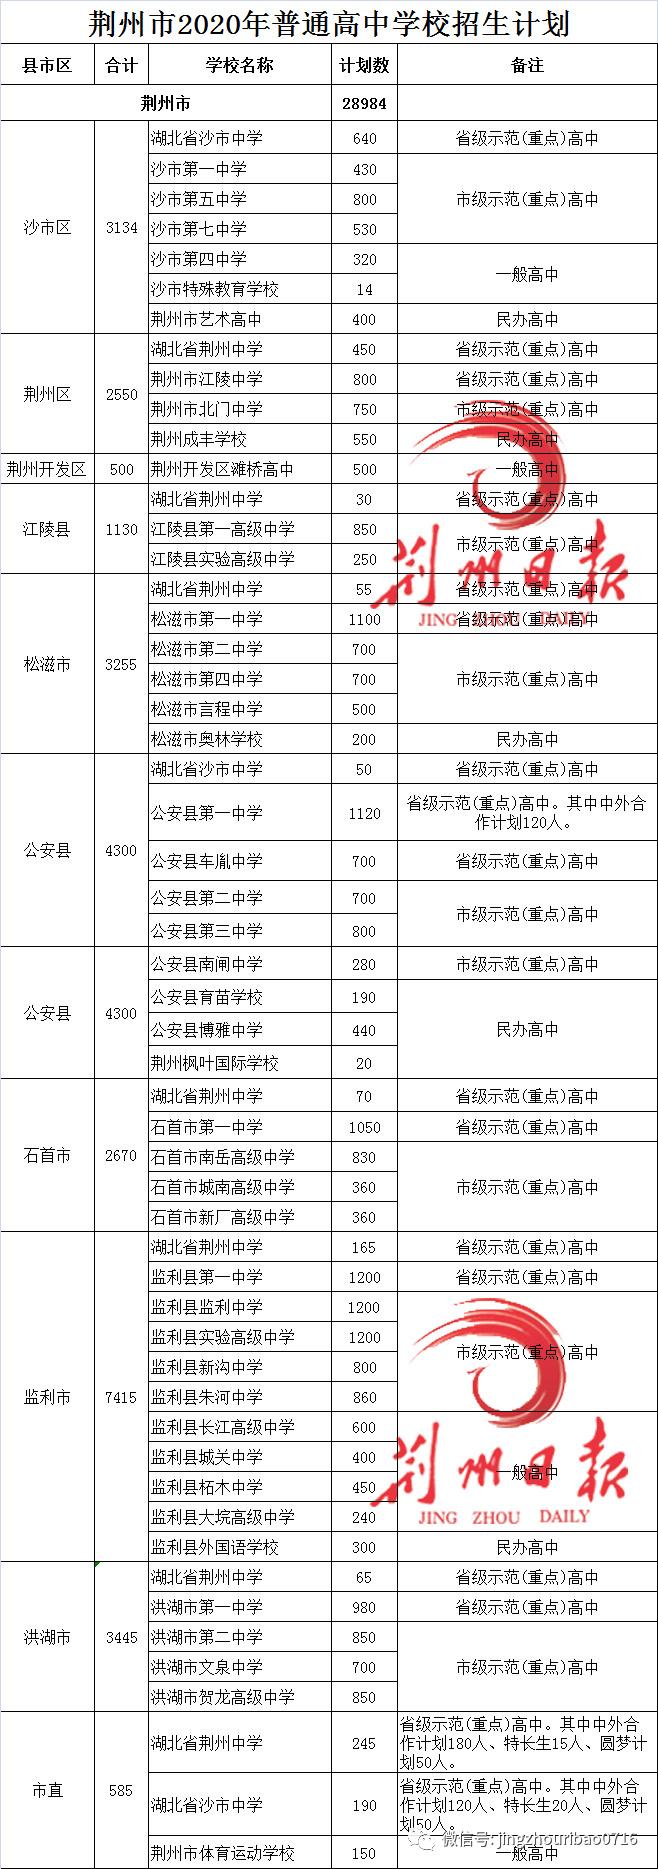 扩散!普高升学率65%!荆州2020中招计划出炉!(附各校招生计划)